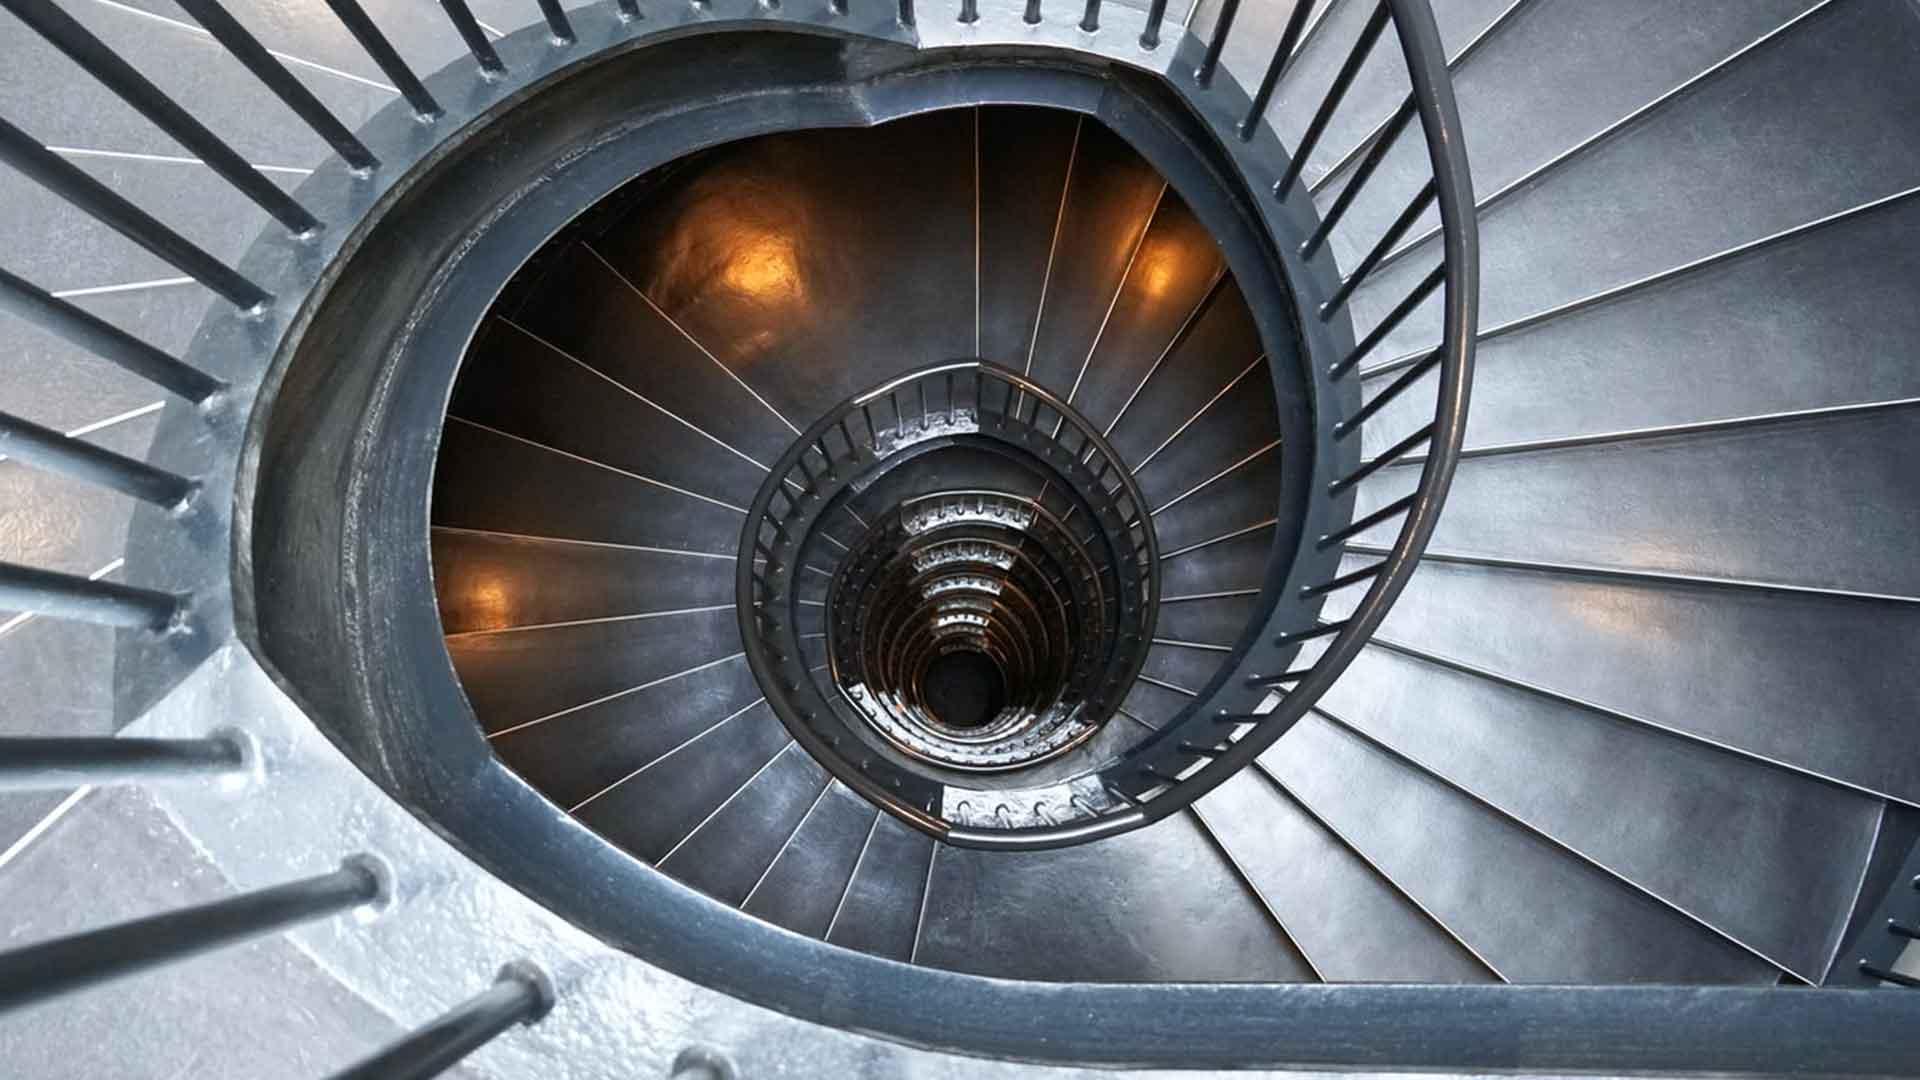 durch Hypnose steigt man eine Treppe tiefer ins Unterbewusstsein hinab